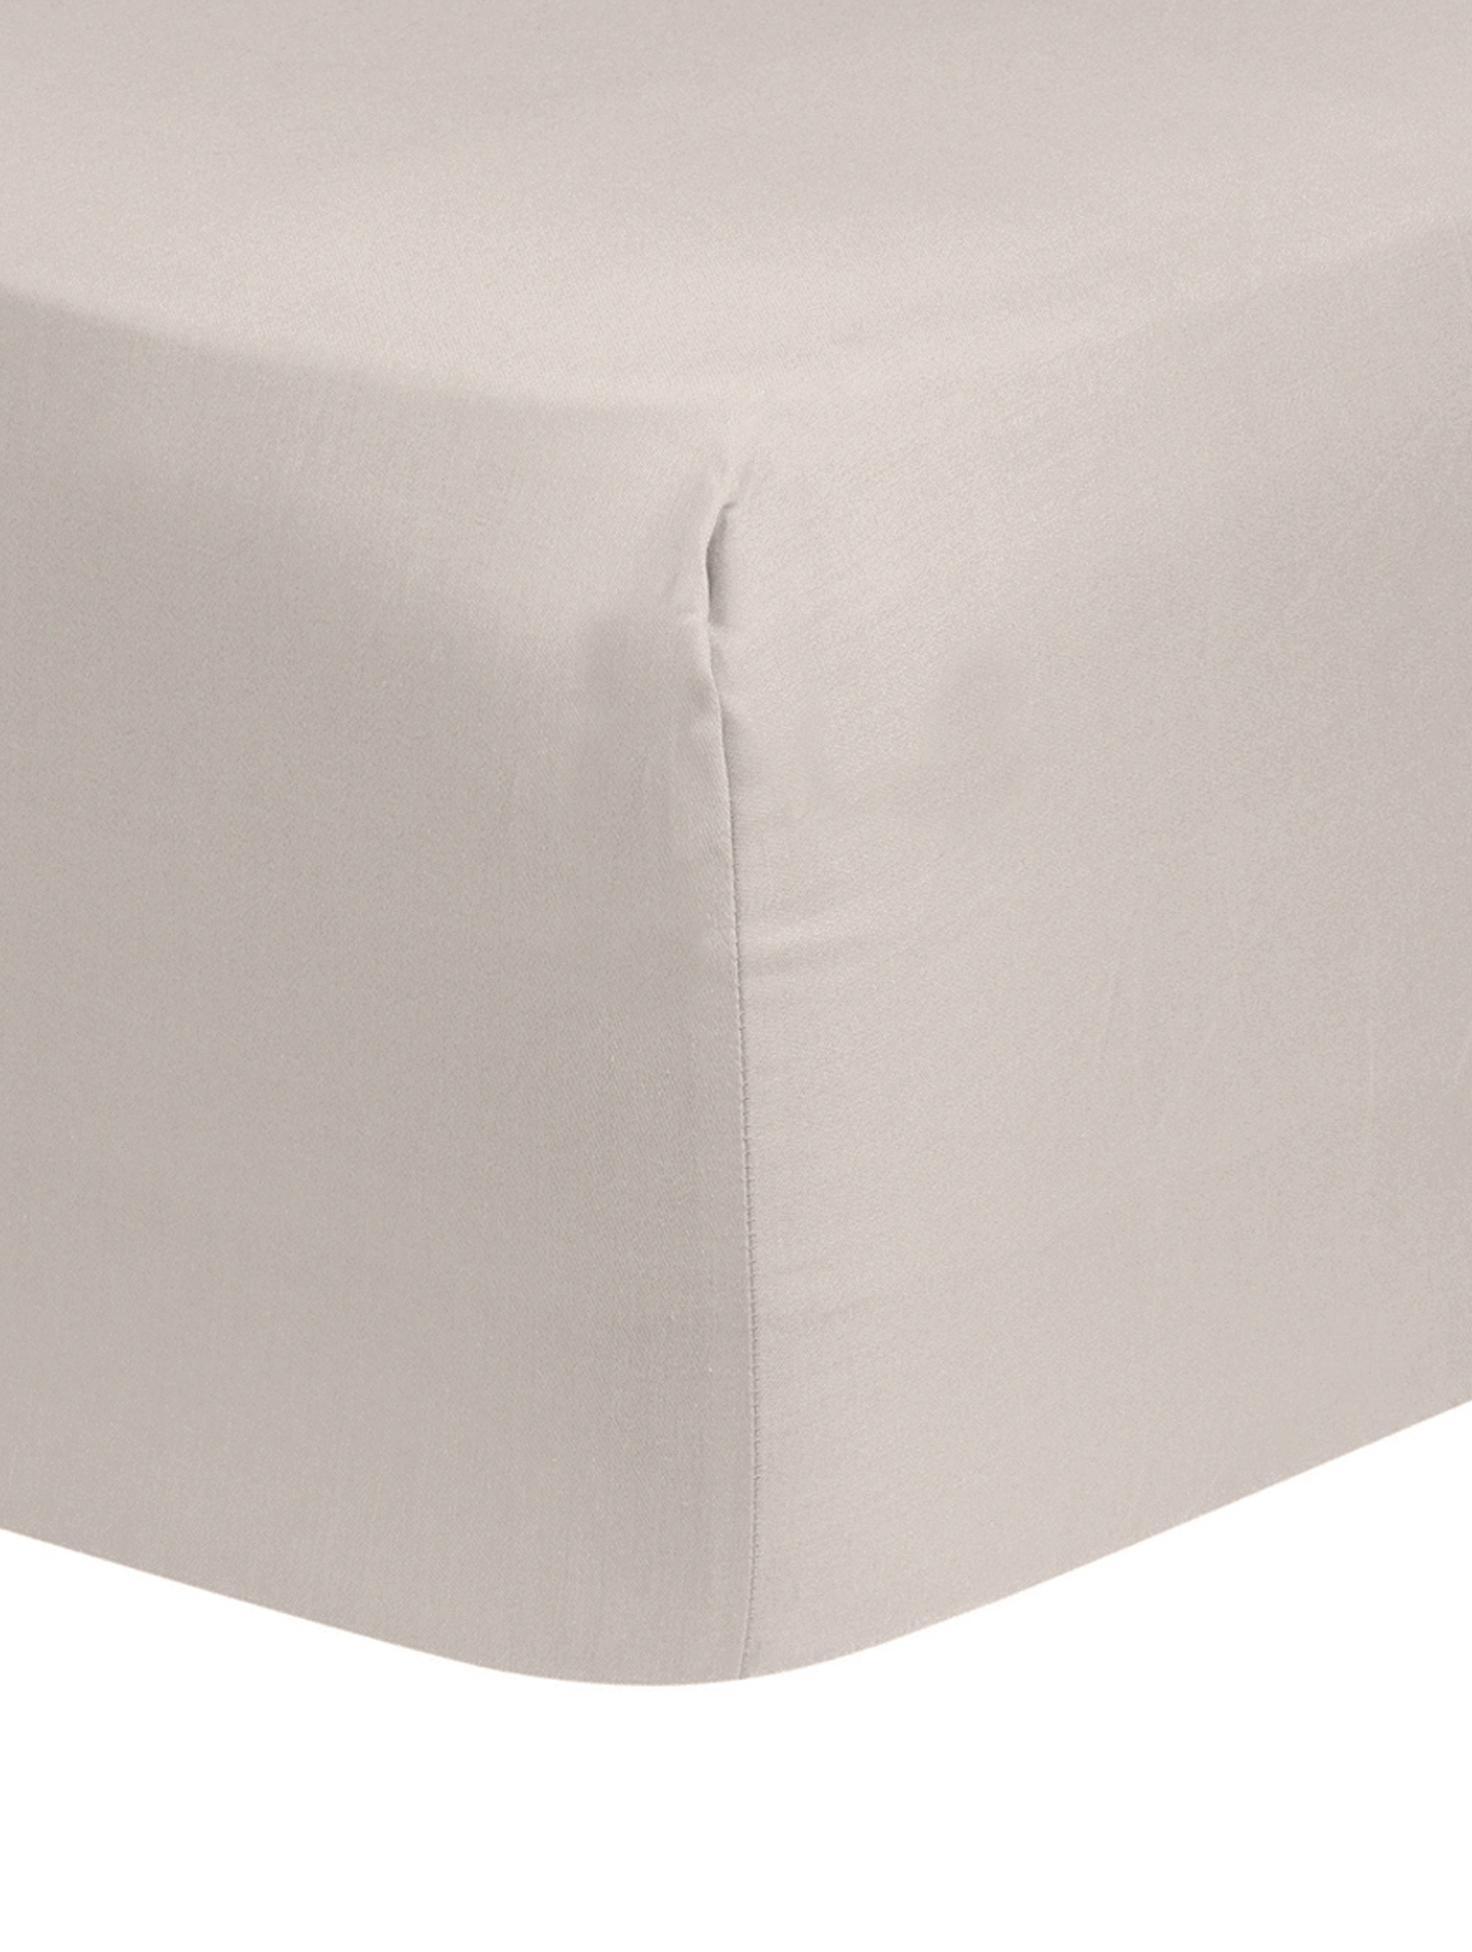 Boxspring-Spannbettlaken Comfort, Baumwollsatin, Webart: Satin, leicht glänzend, Taupe, 200 x 200 cm